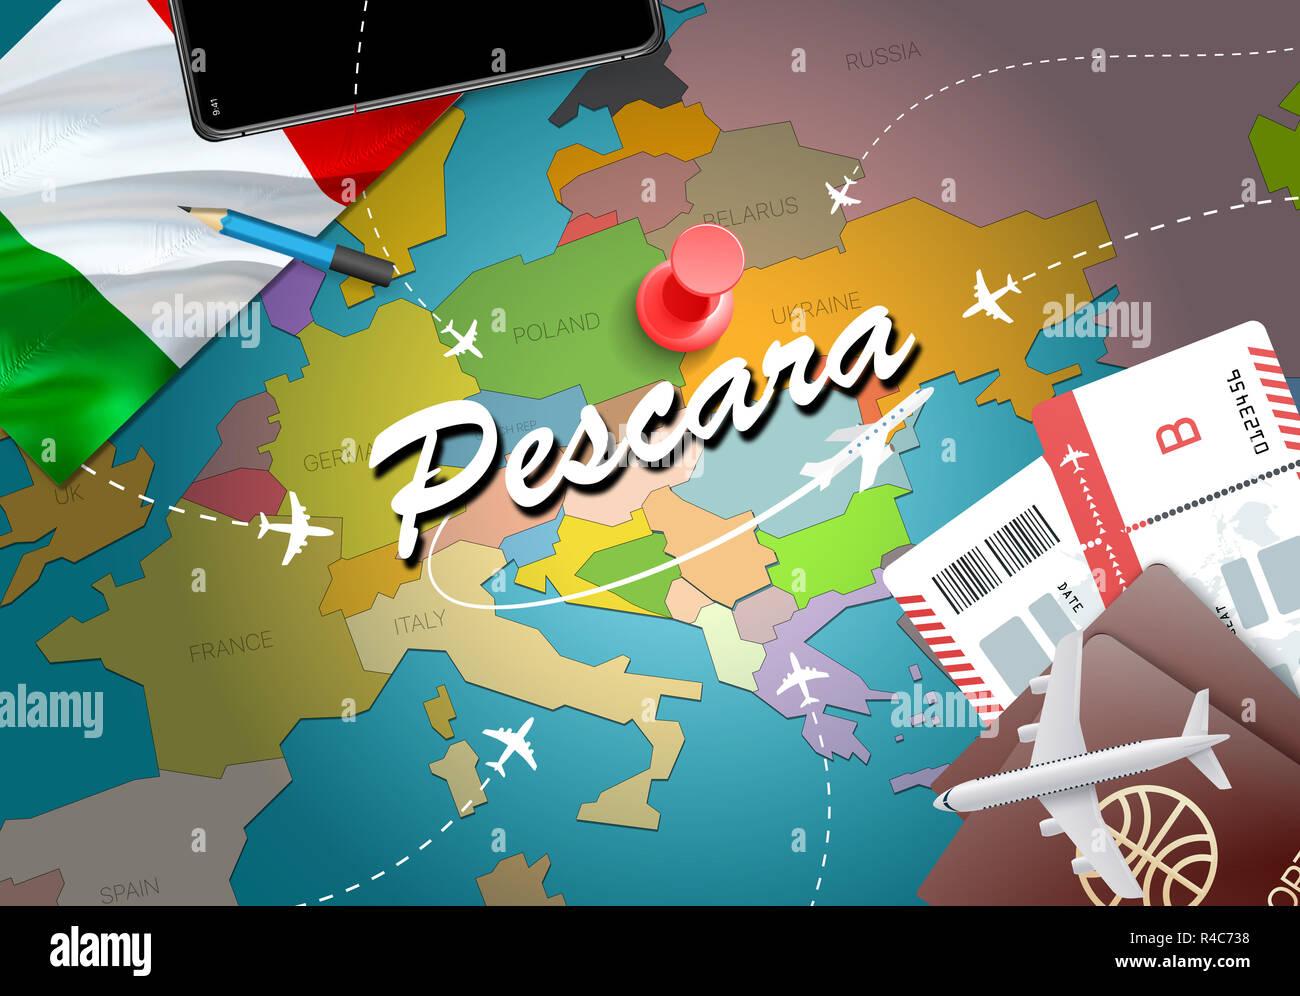 Pescara city travel and tourism destination concept. Italy flag and ...